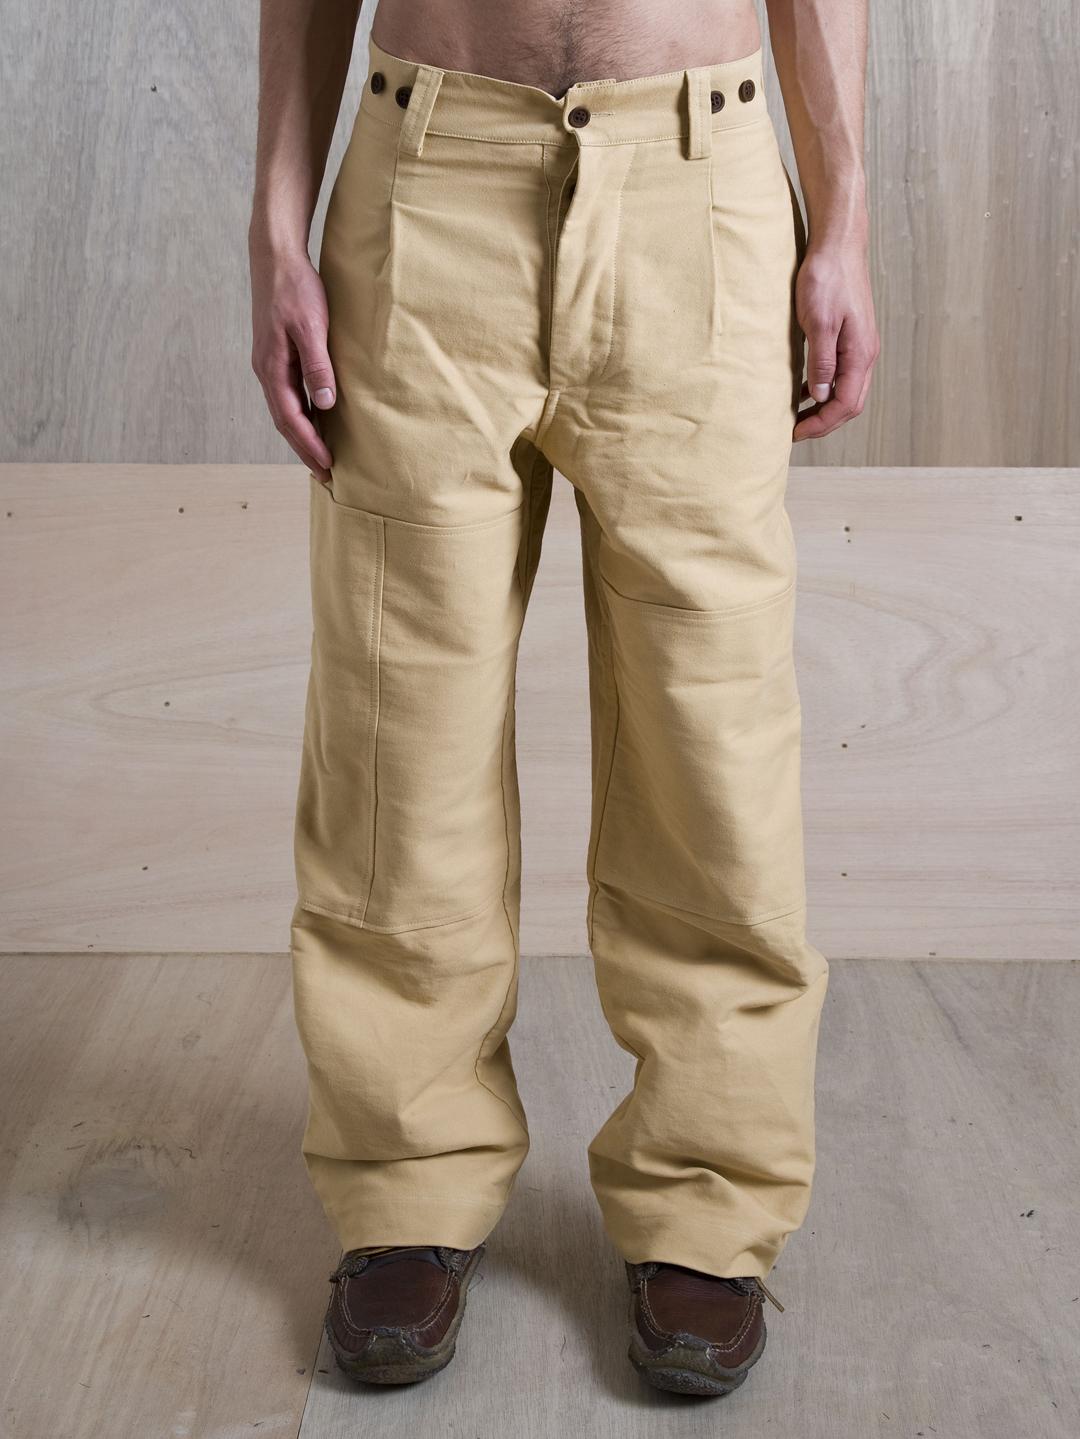 John Varvatos Mens Jeans